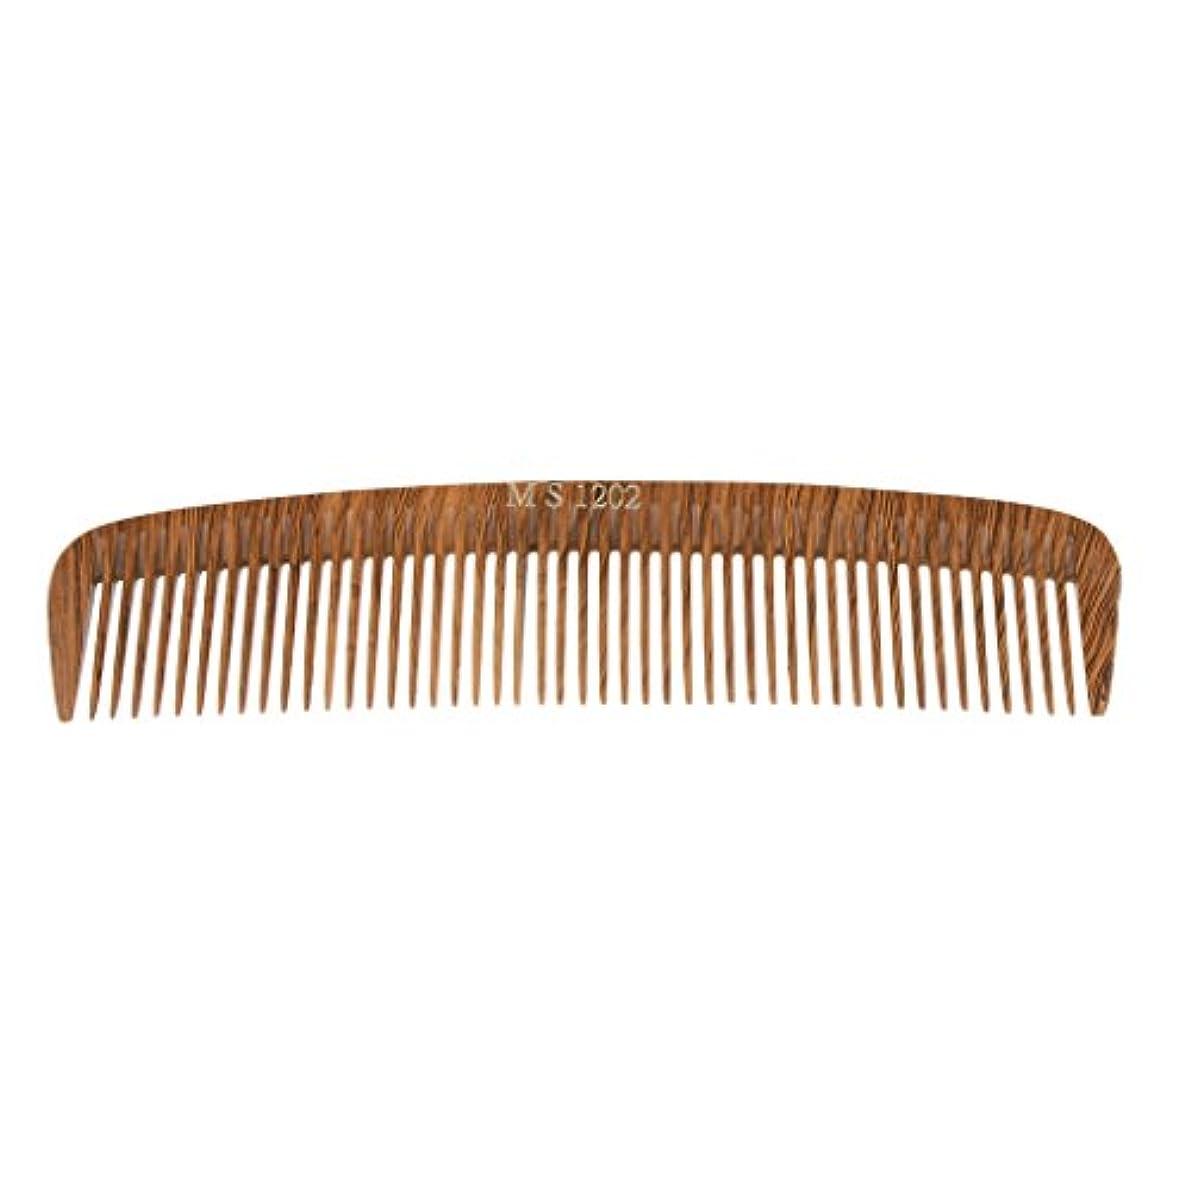 アヒル乱気流除外するヘアカットコーム コーム 木製櫛 くし ヘアブラシ ウッド 帯電防止 4タイプ選べる - 1202